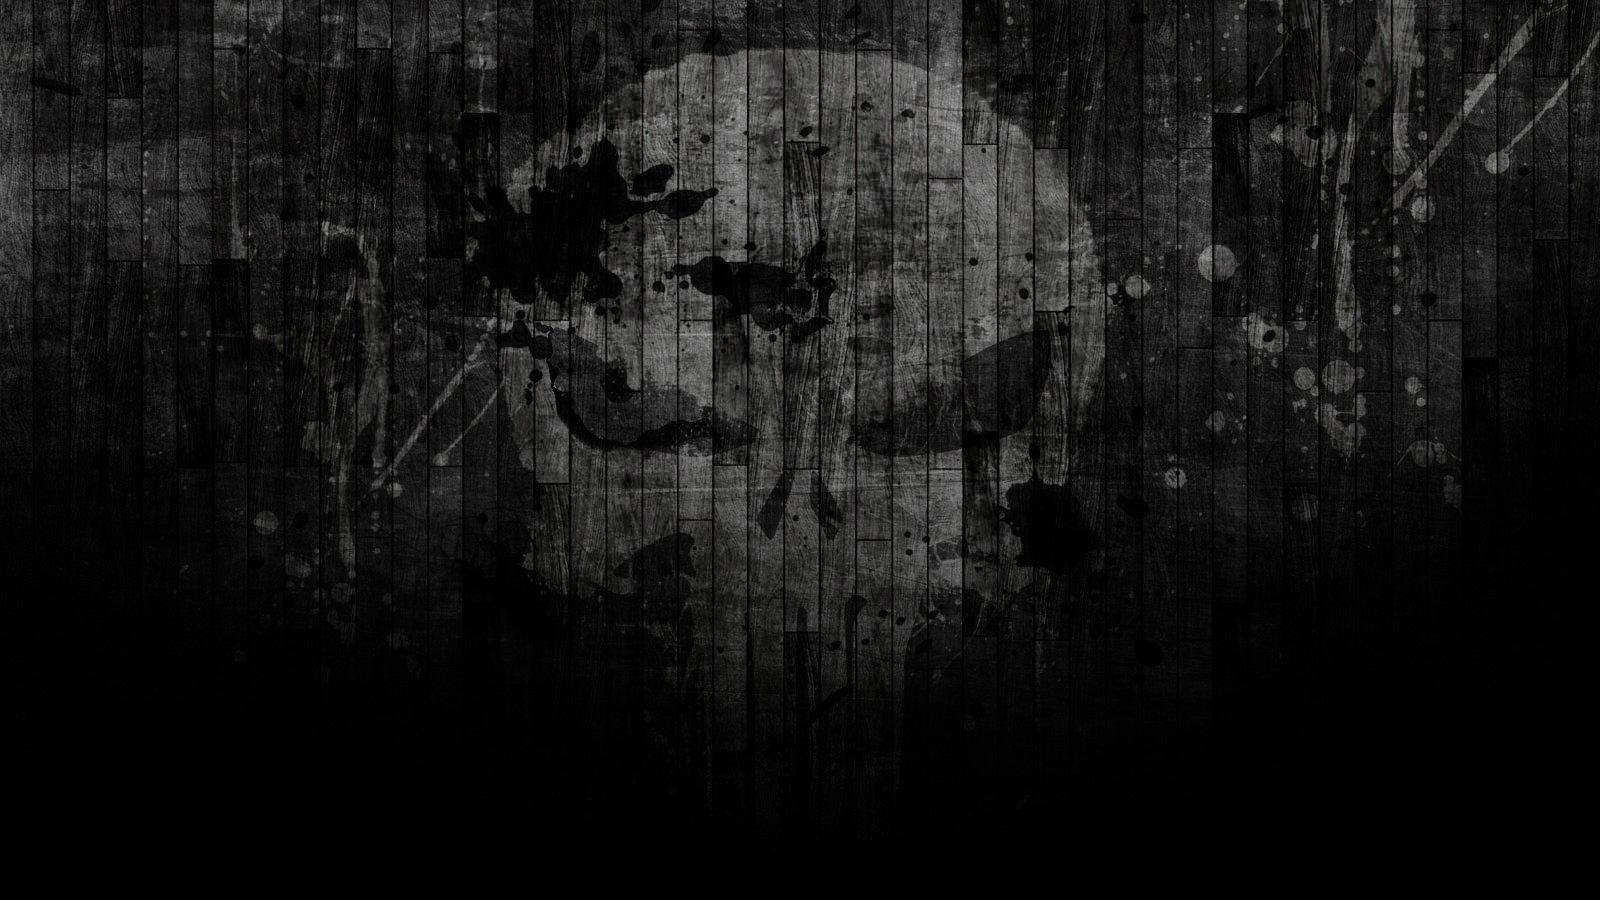 The Punisher - Wallpaper wallpaper | 1600x900 | 249584 | WallpaperUP